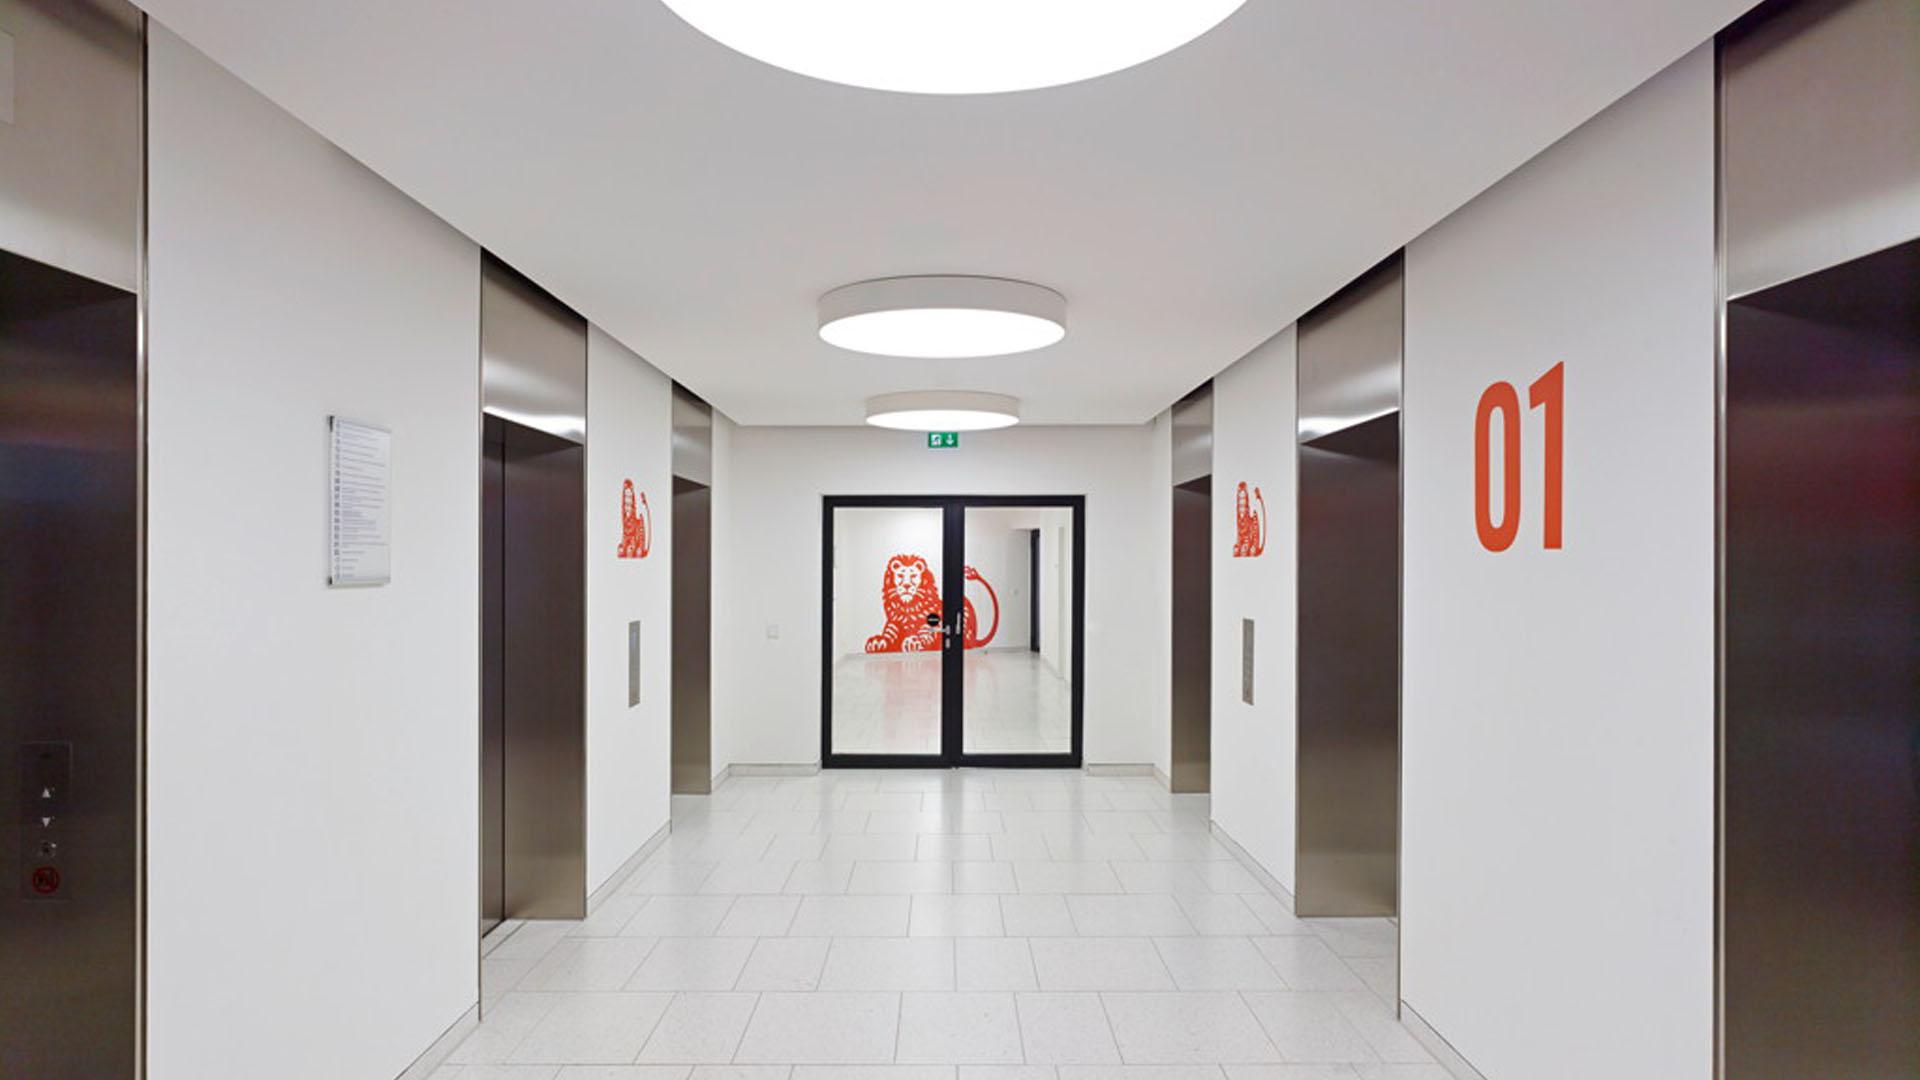 MAASS-Lichtplanung_Lichtplanung repräsentativer Bereiche der ING-DiBa Hauptzentrale__MAASS-Poseidonhaus-Innen-004